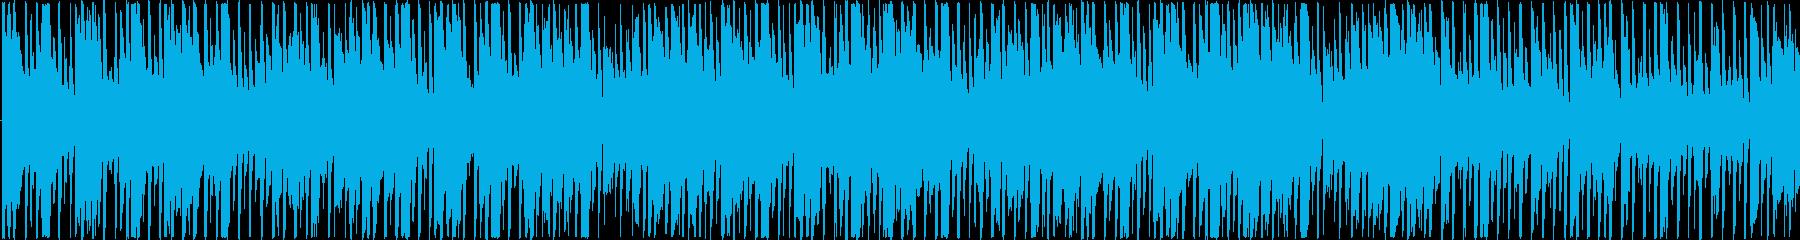 おしゃれな女性ボーカル 洋楽 サビループの再生済みの波形